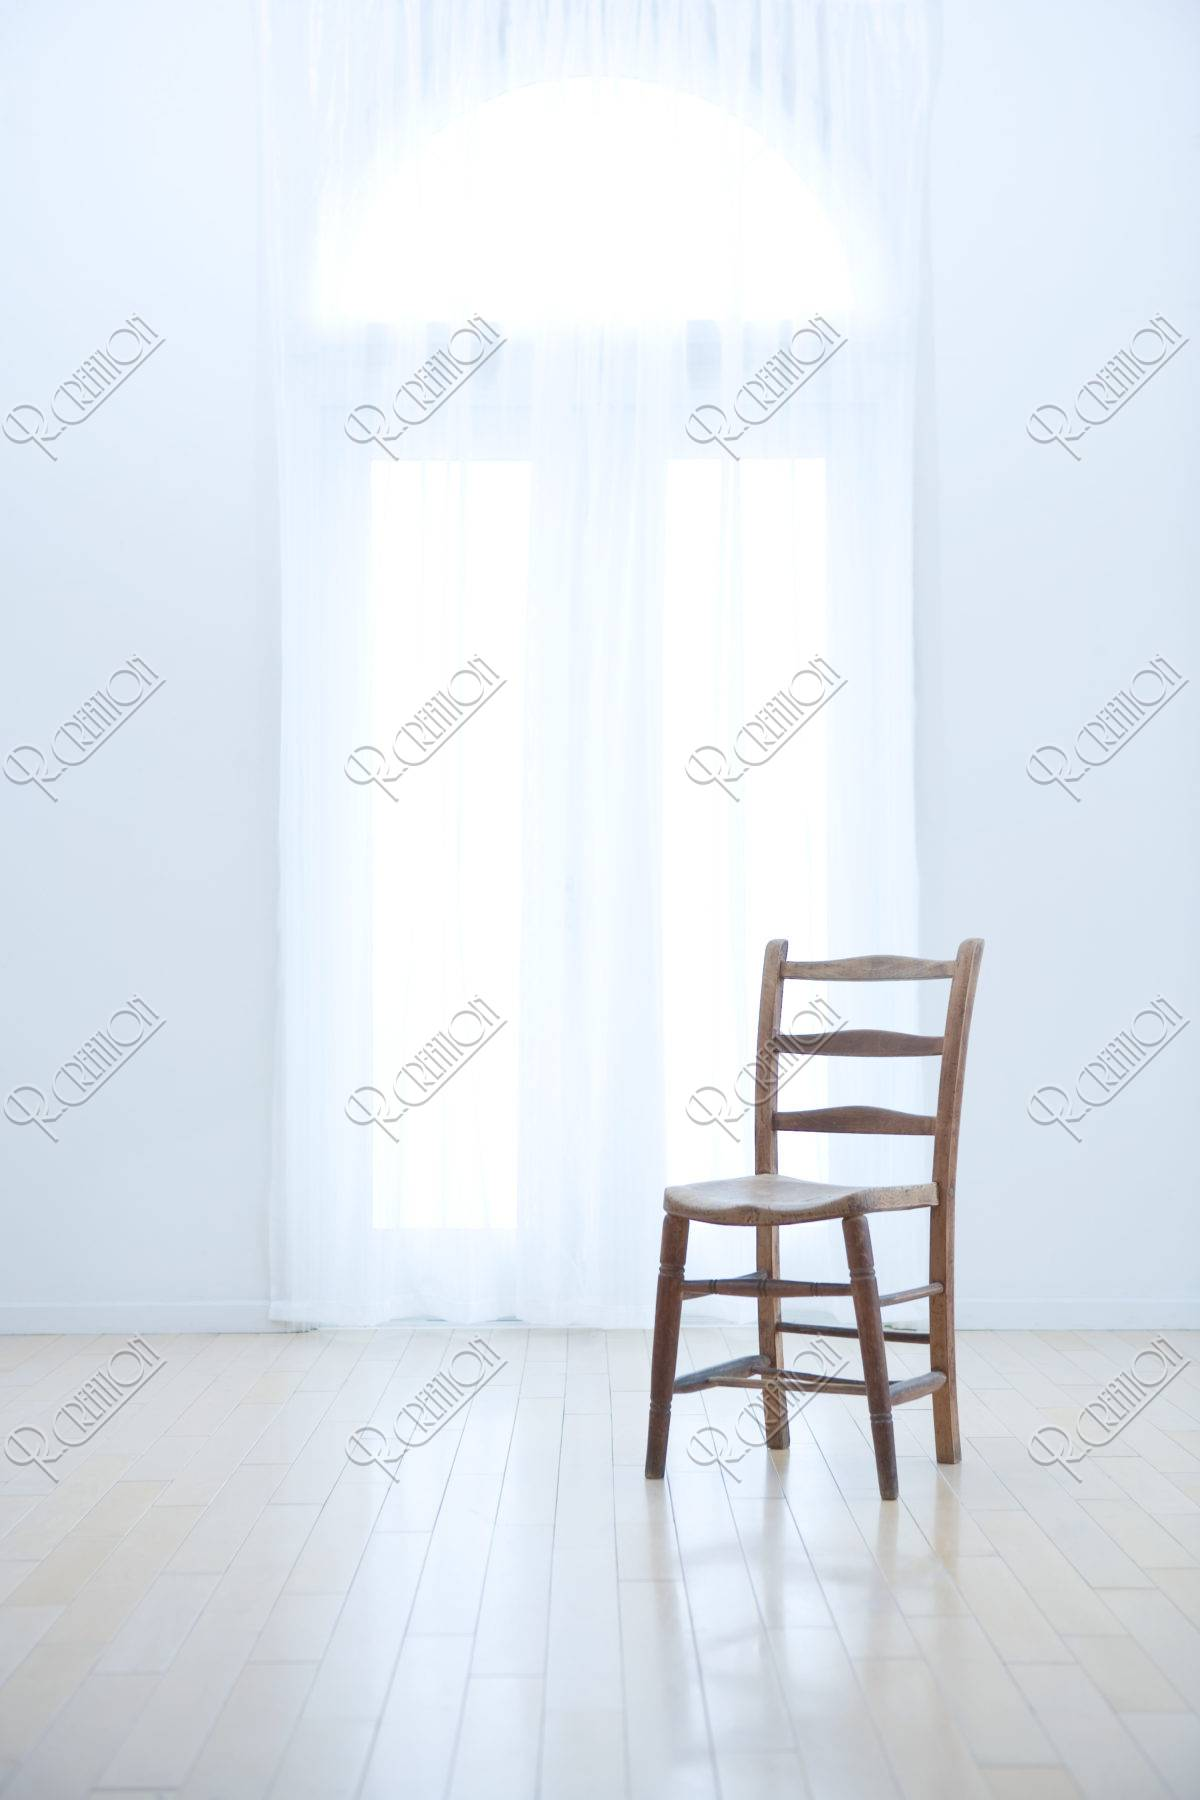 リビングルームの椅子